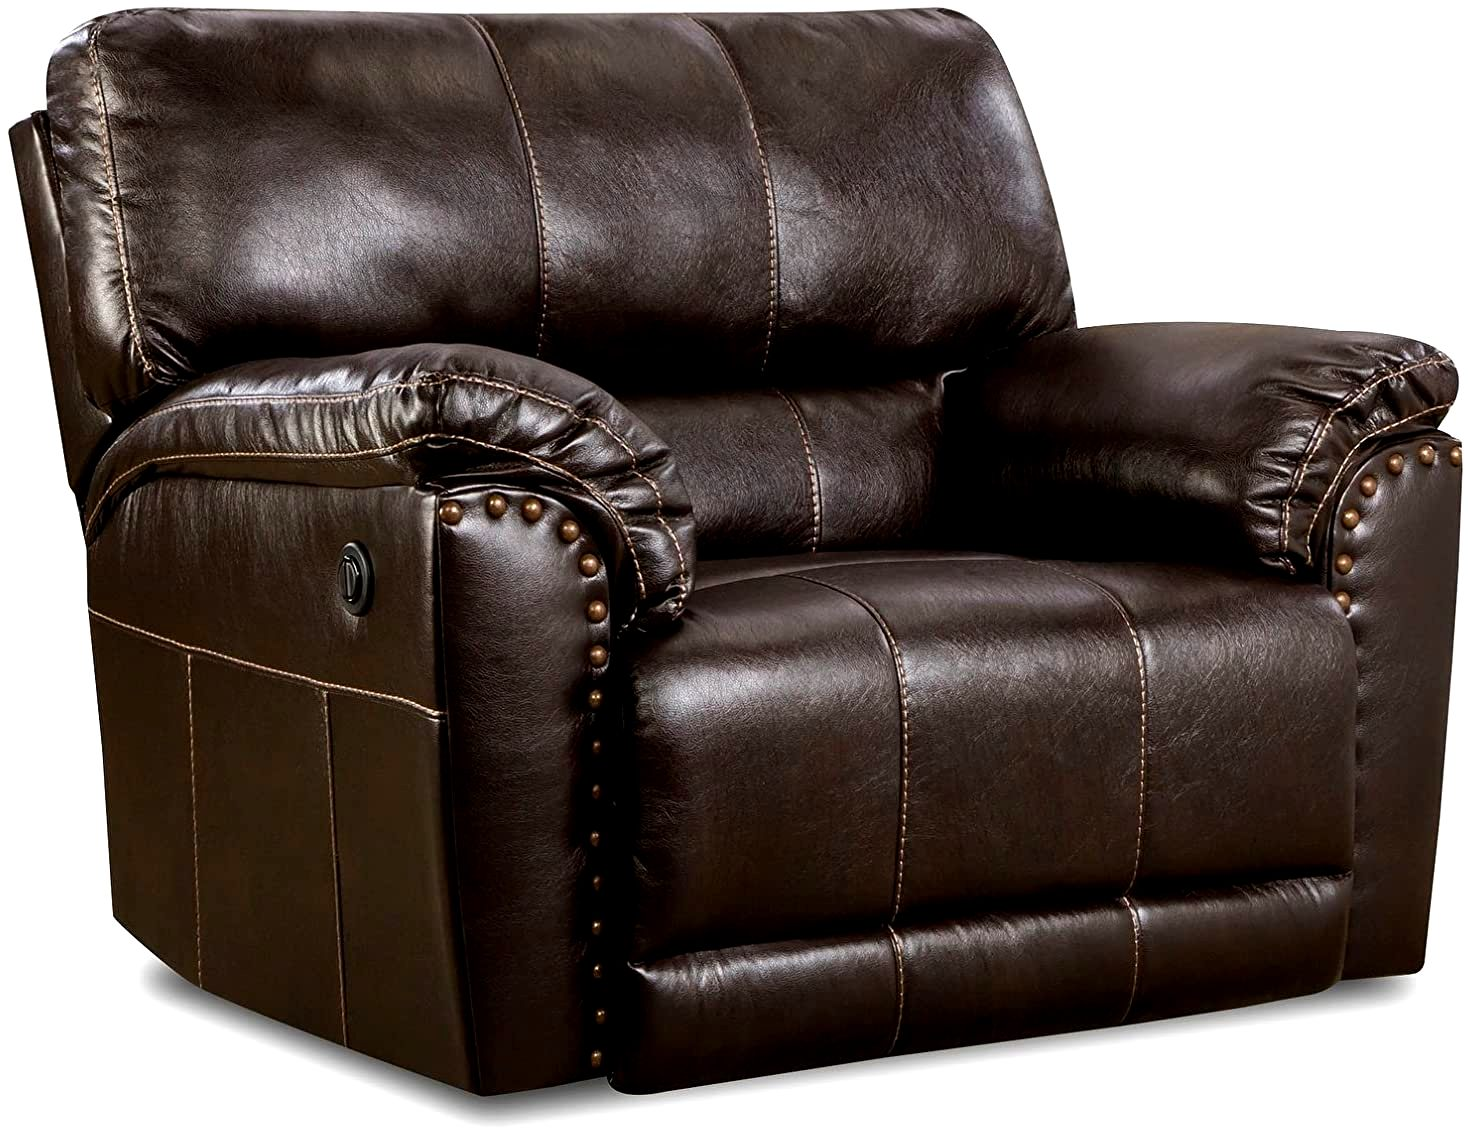 Simmons Upholstery Abilene Chestnut Cuddler Recliner